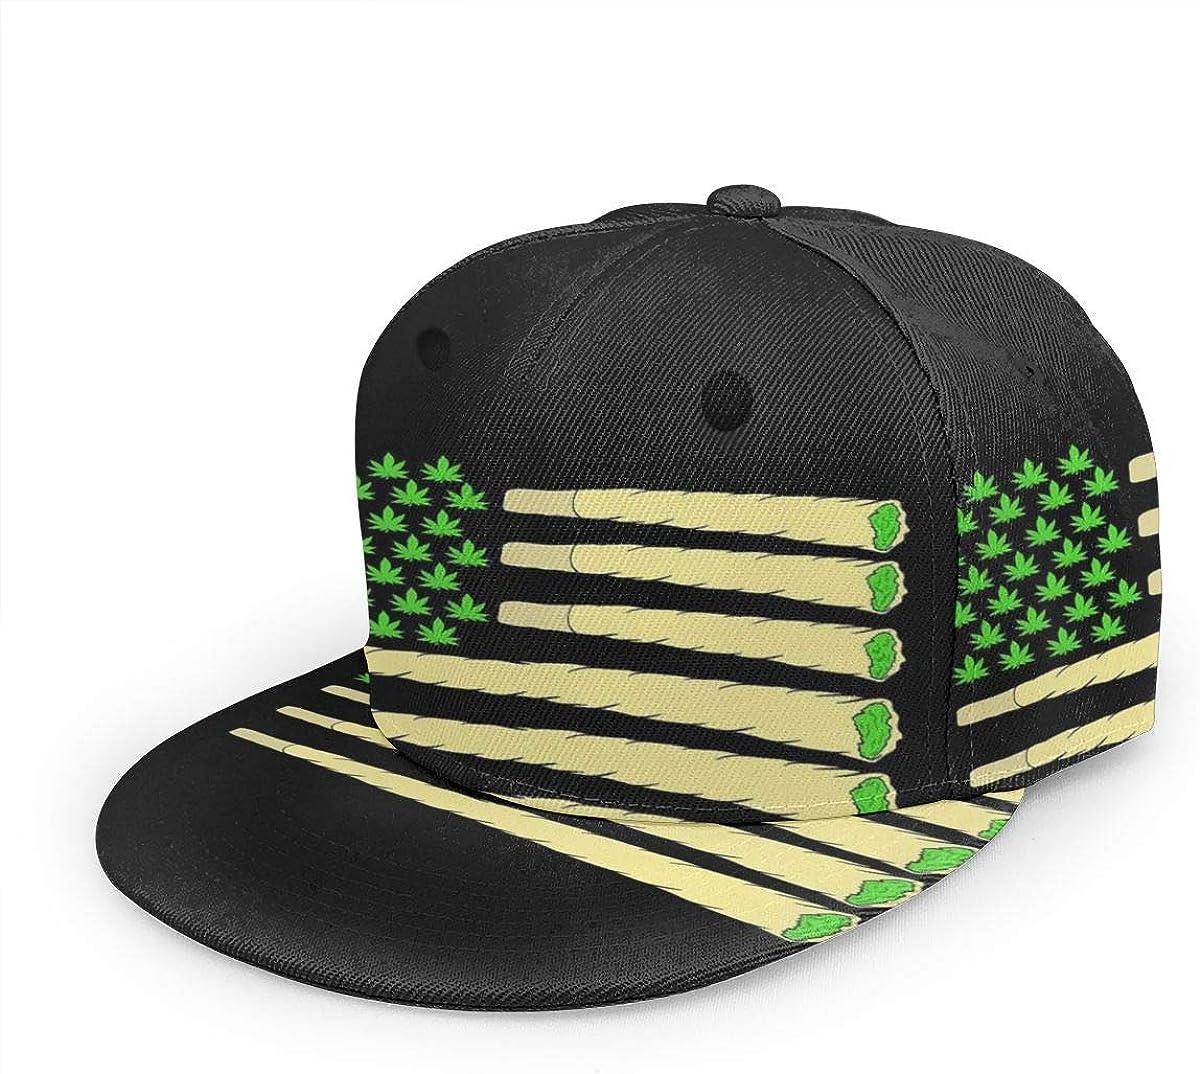 RUIP Gorra de béisbol ajustable unisex bandera americana, marihuana, marihuana, marihuana, cannabis 3D, a cuadros, sombreros de camionero, gorra deportiva para hombres y mujeres, color negro